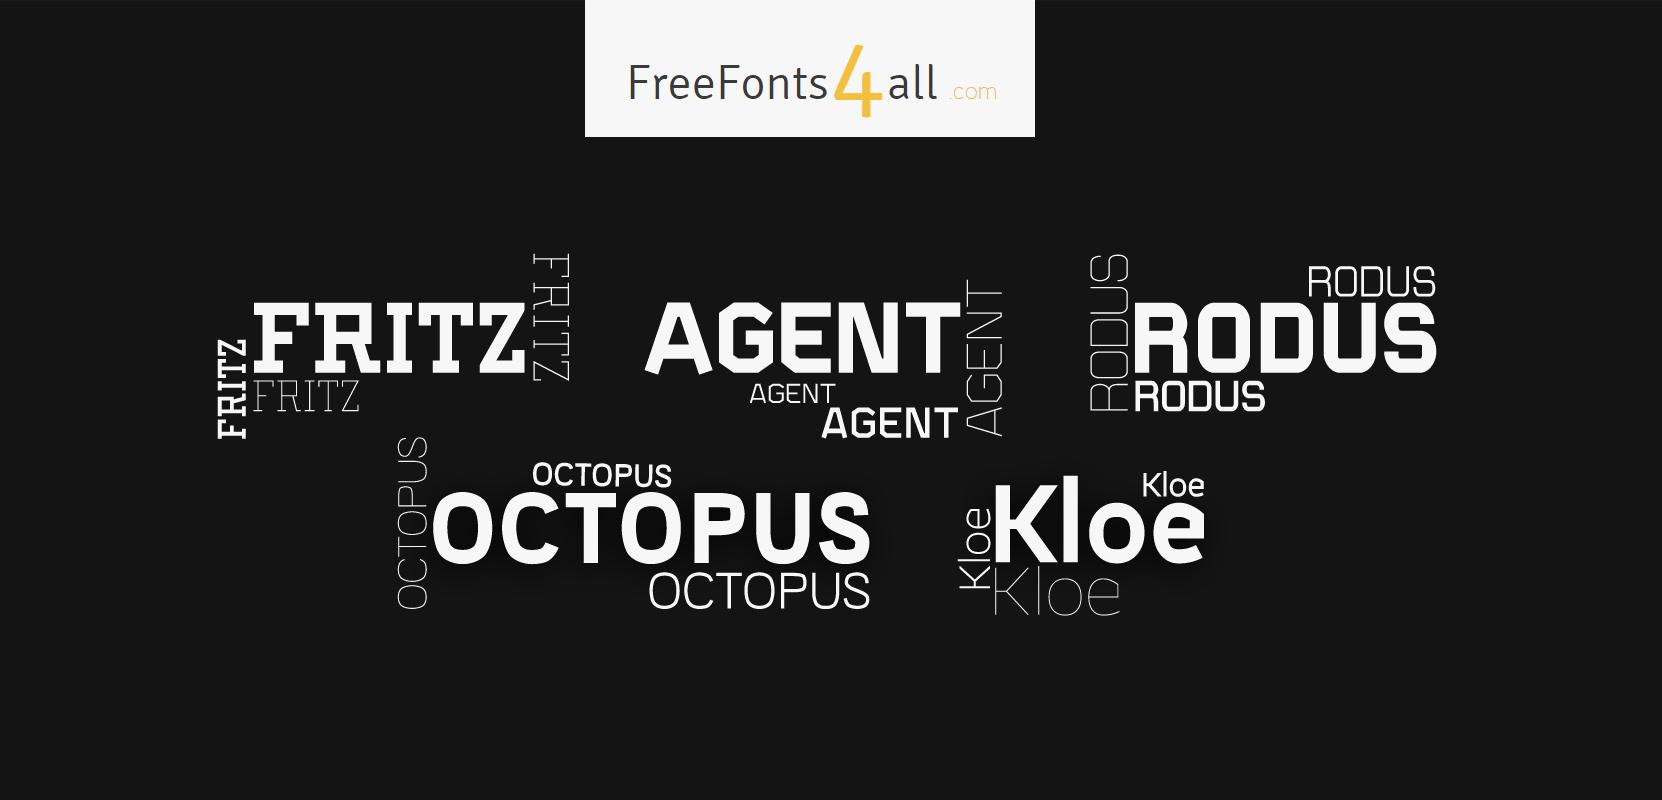 FreeFonts4All Free Fonts4all com - Free fonts + web-fonts